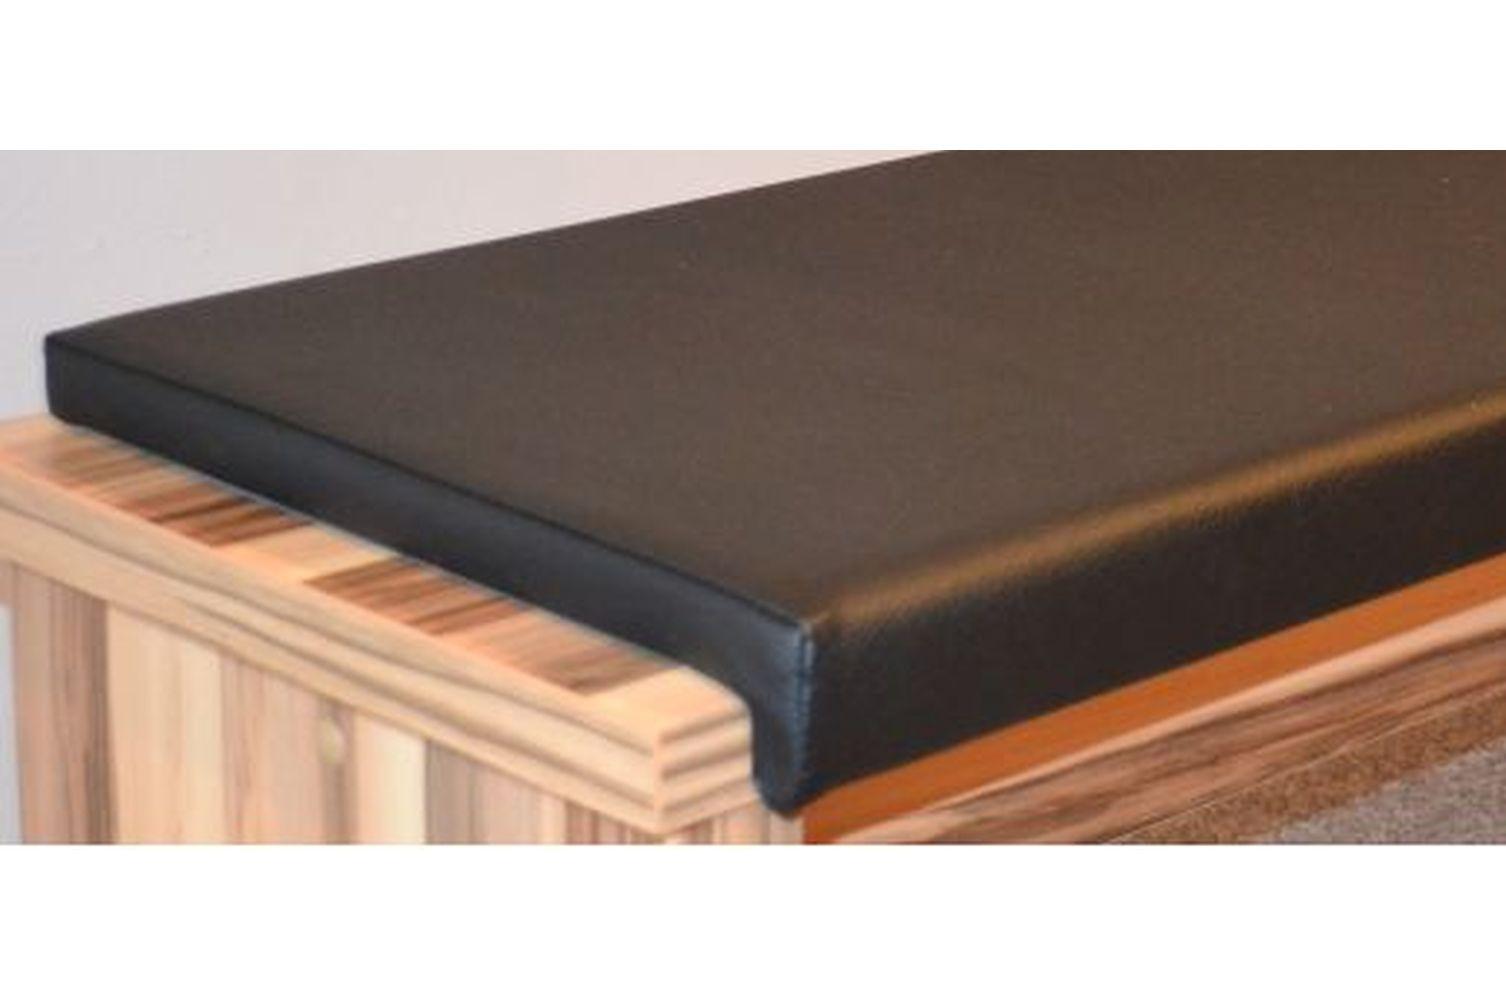 grand foulard bank leen bakker. Black Bedroom Furniture Sets. Home Design Ideas